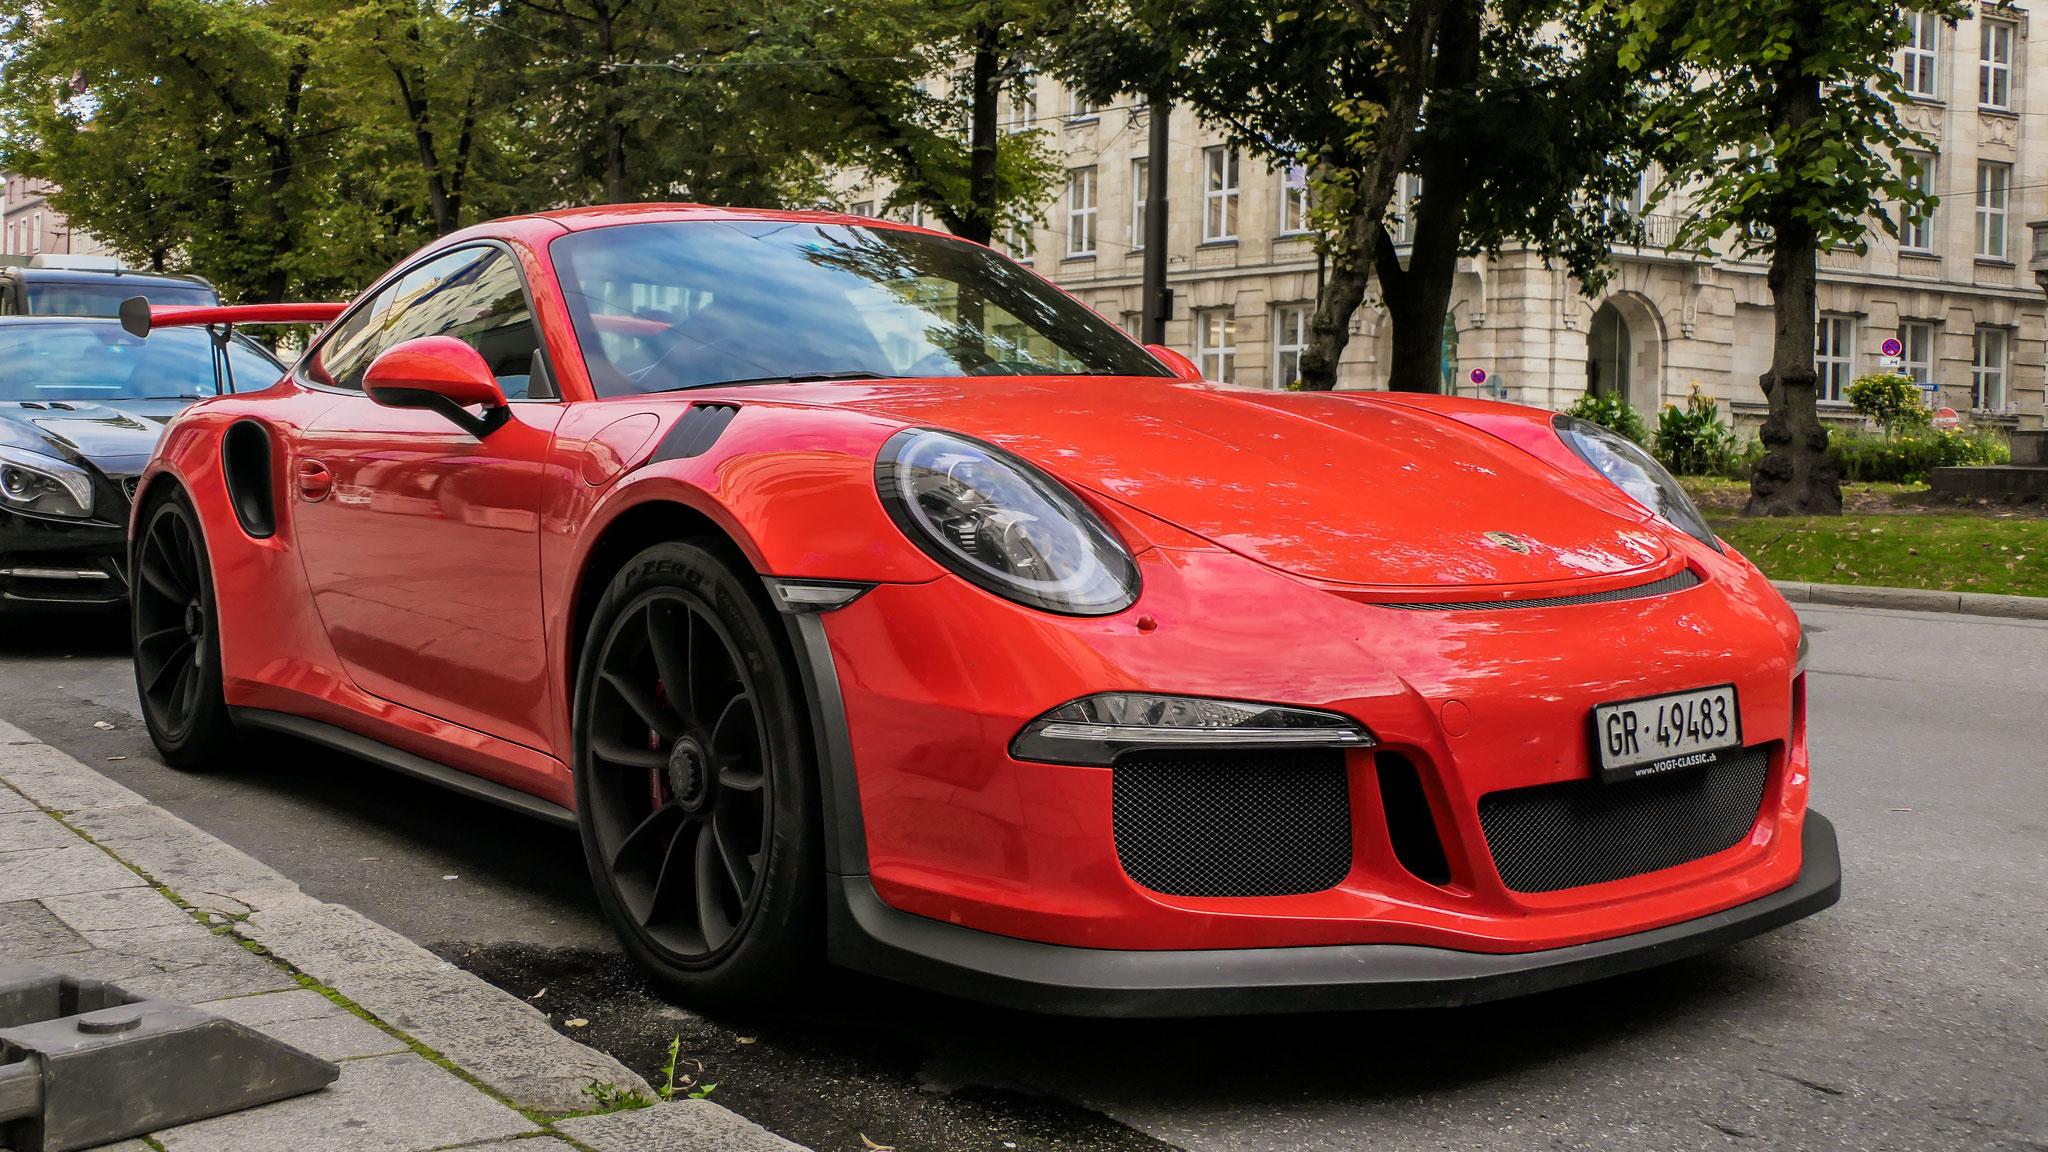 Porsche 911 GT3 RS - GR-49483 (CH)